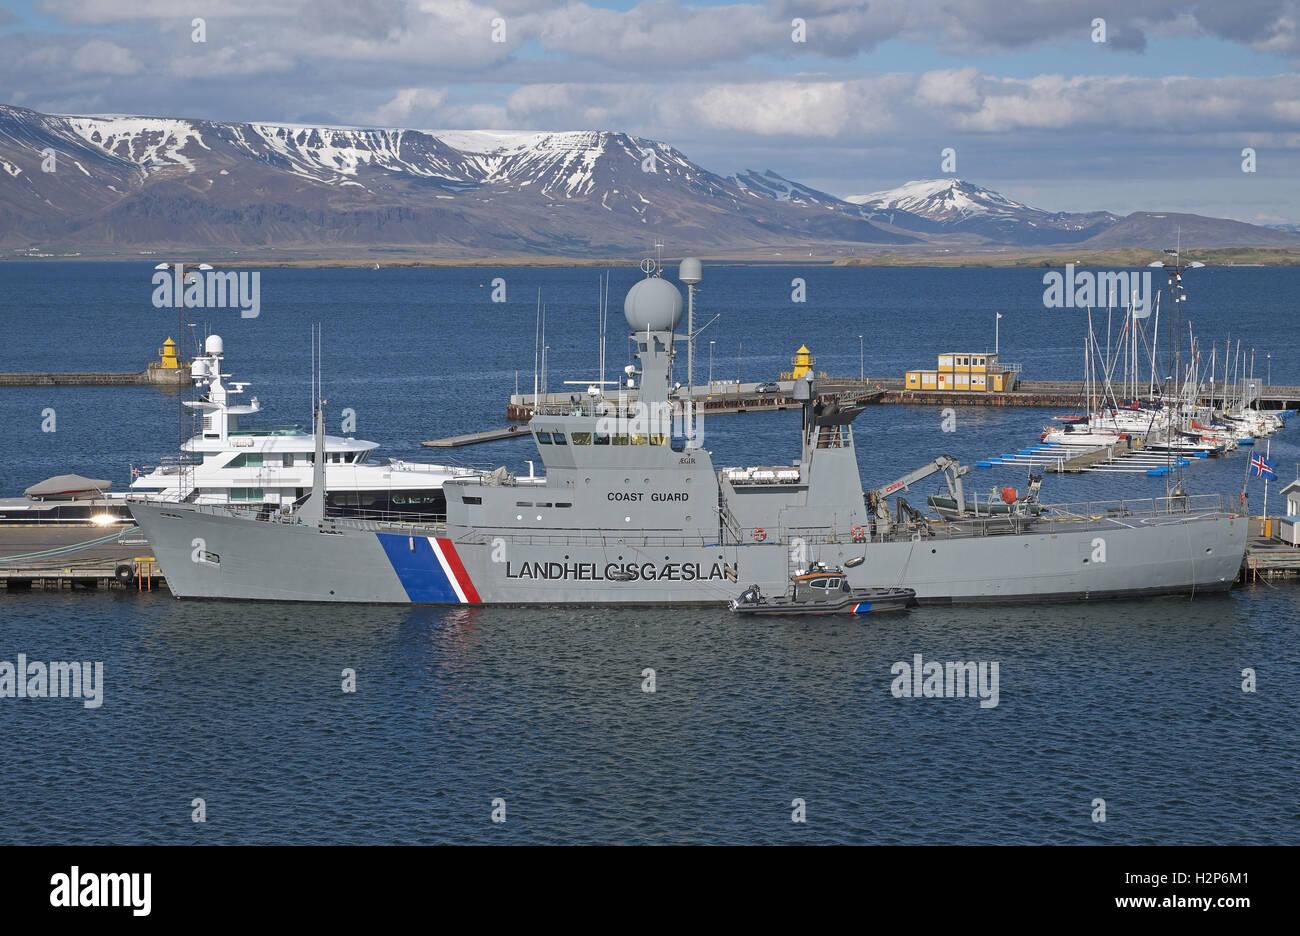 Icelandic Coast Guard vessel Landhelgisgæslan in Reykjavik harbour, Iceland. - Stock Image